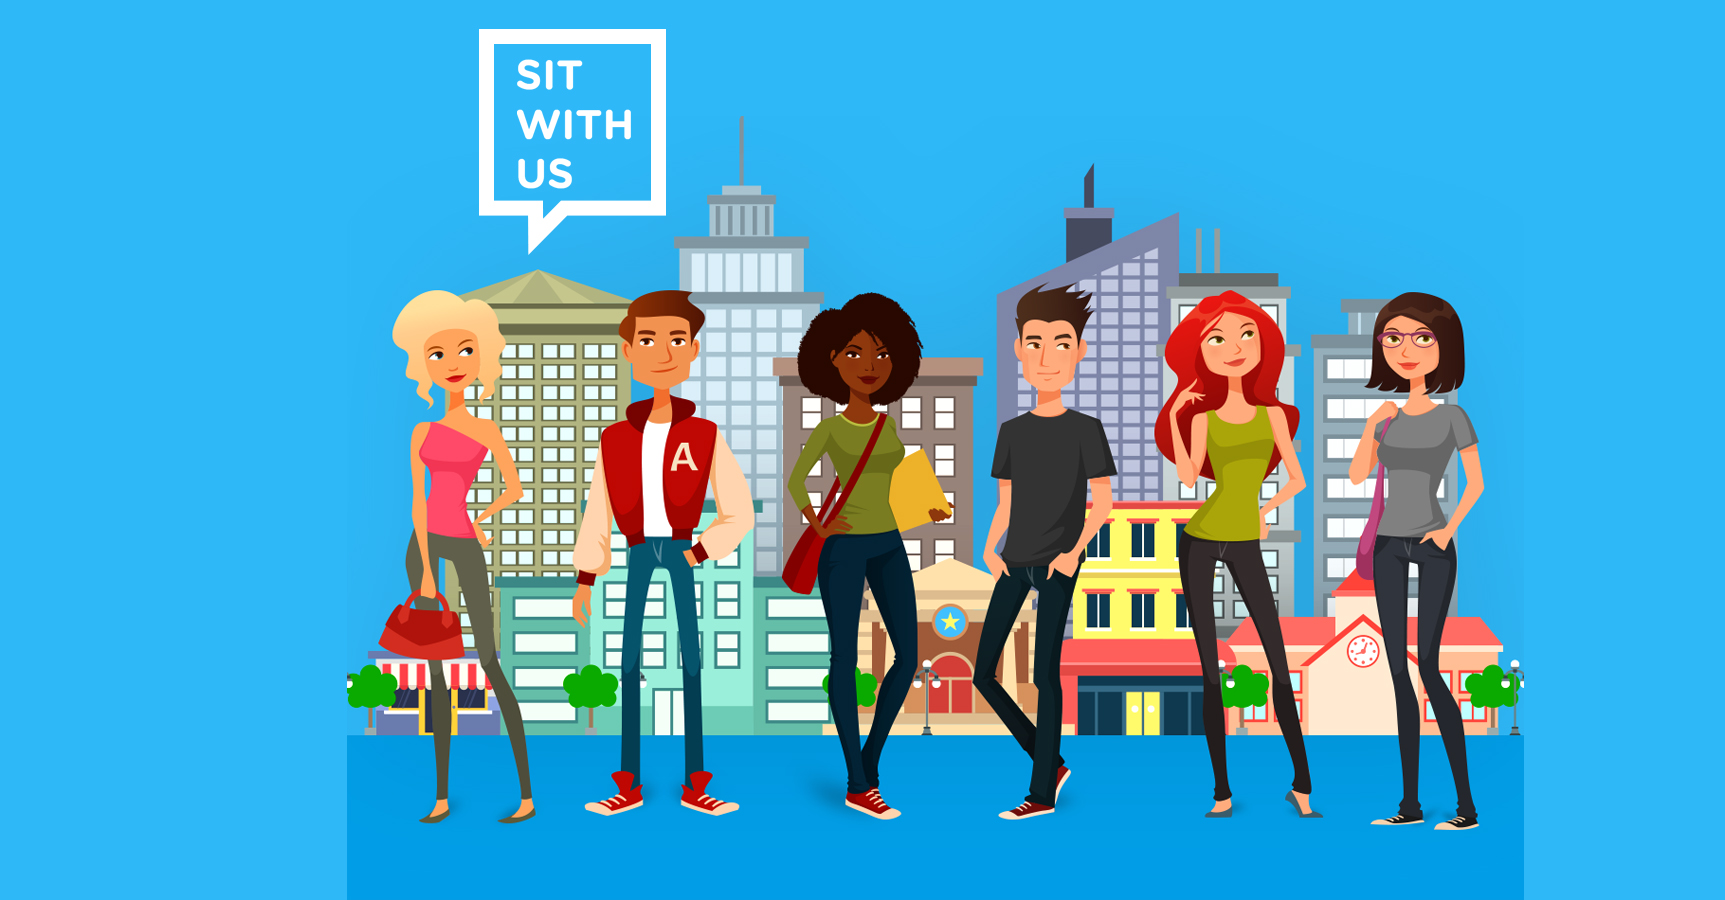 Sedni si s námi, nabízí aplikace americké teenagerky šikanovaným dětem